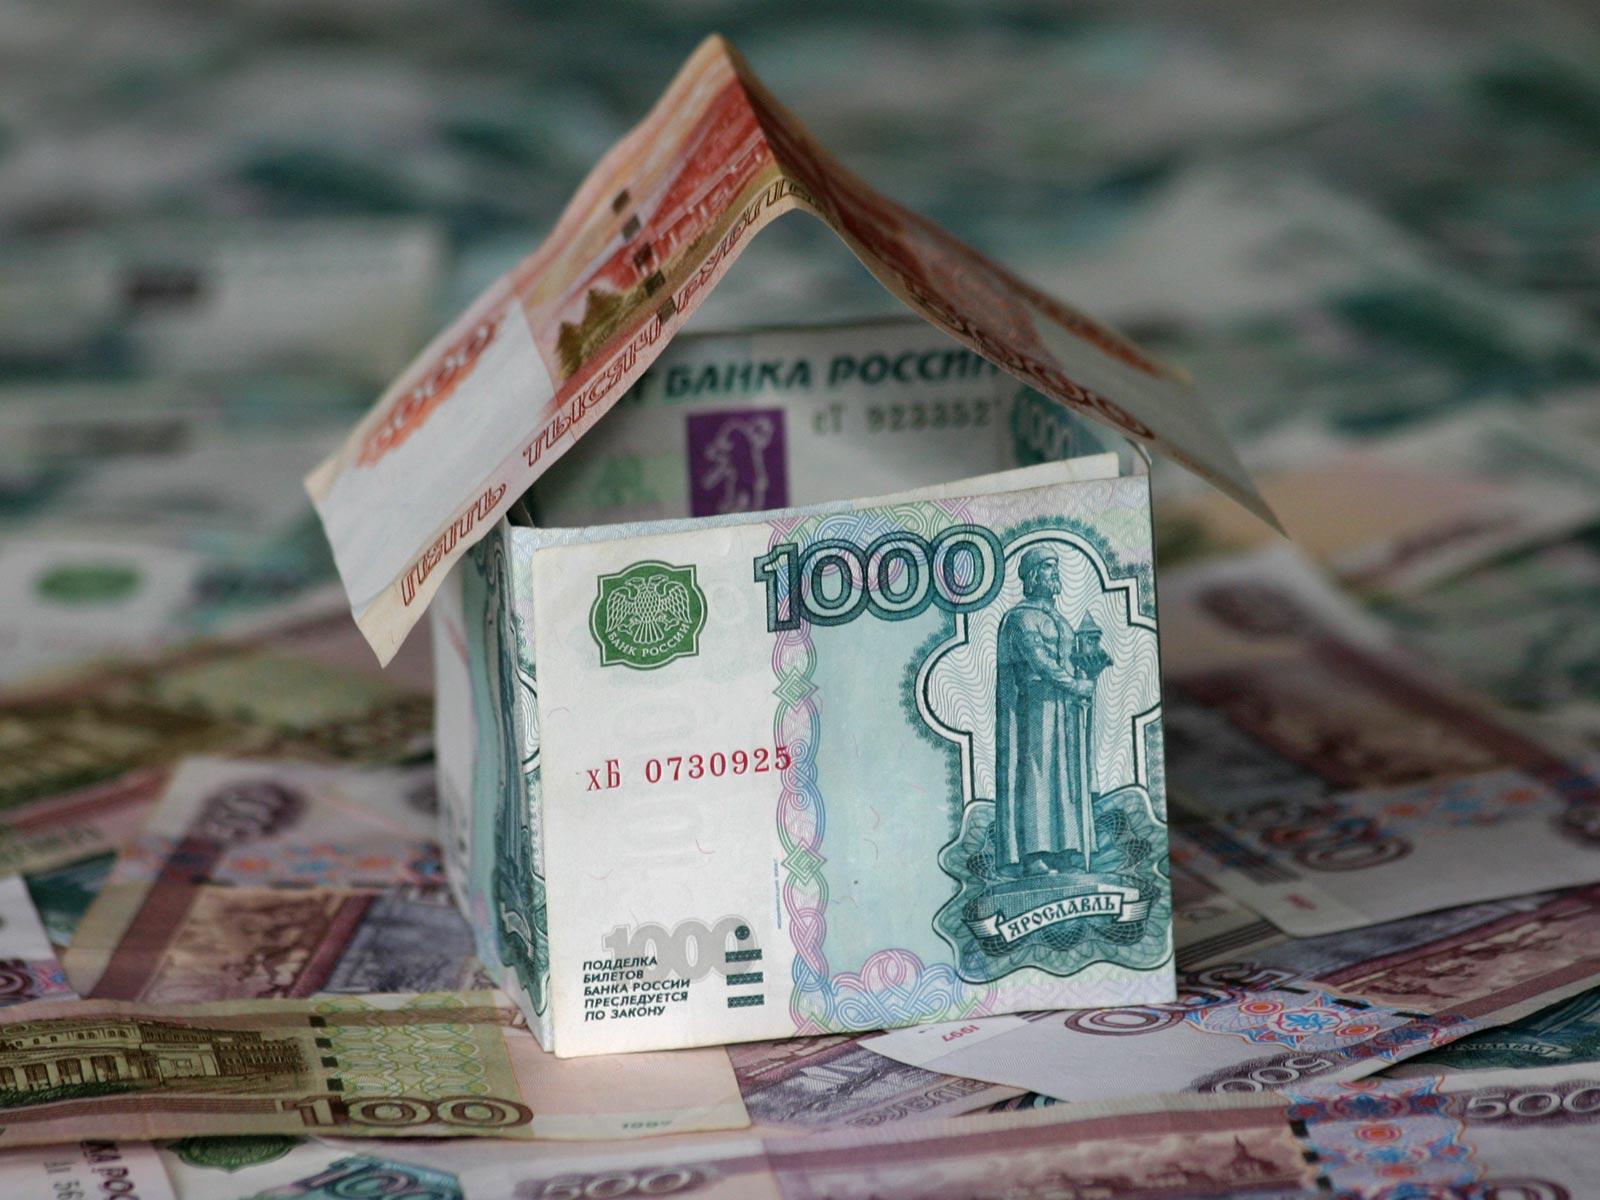 Ничего хорошего, хоть и есть варианты: что ждет заемщика, который перестанет платить по ипотеке?